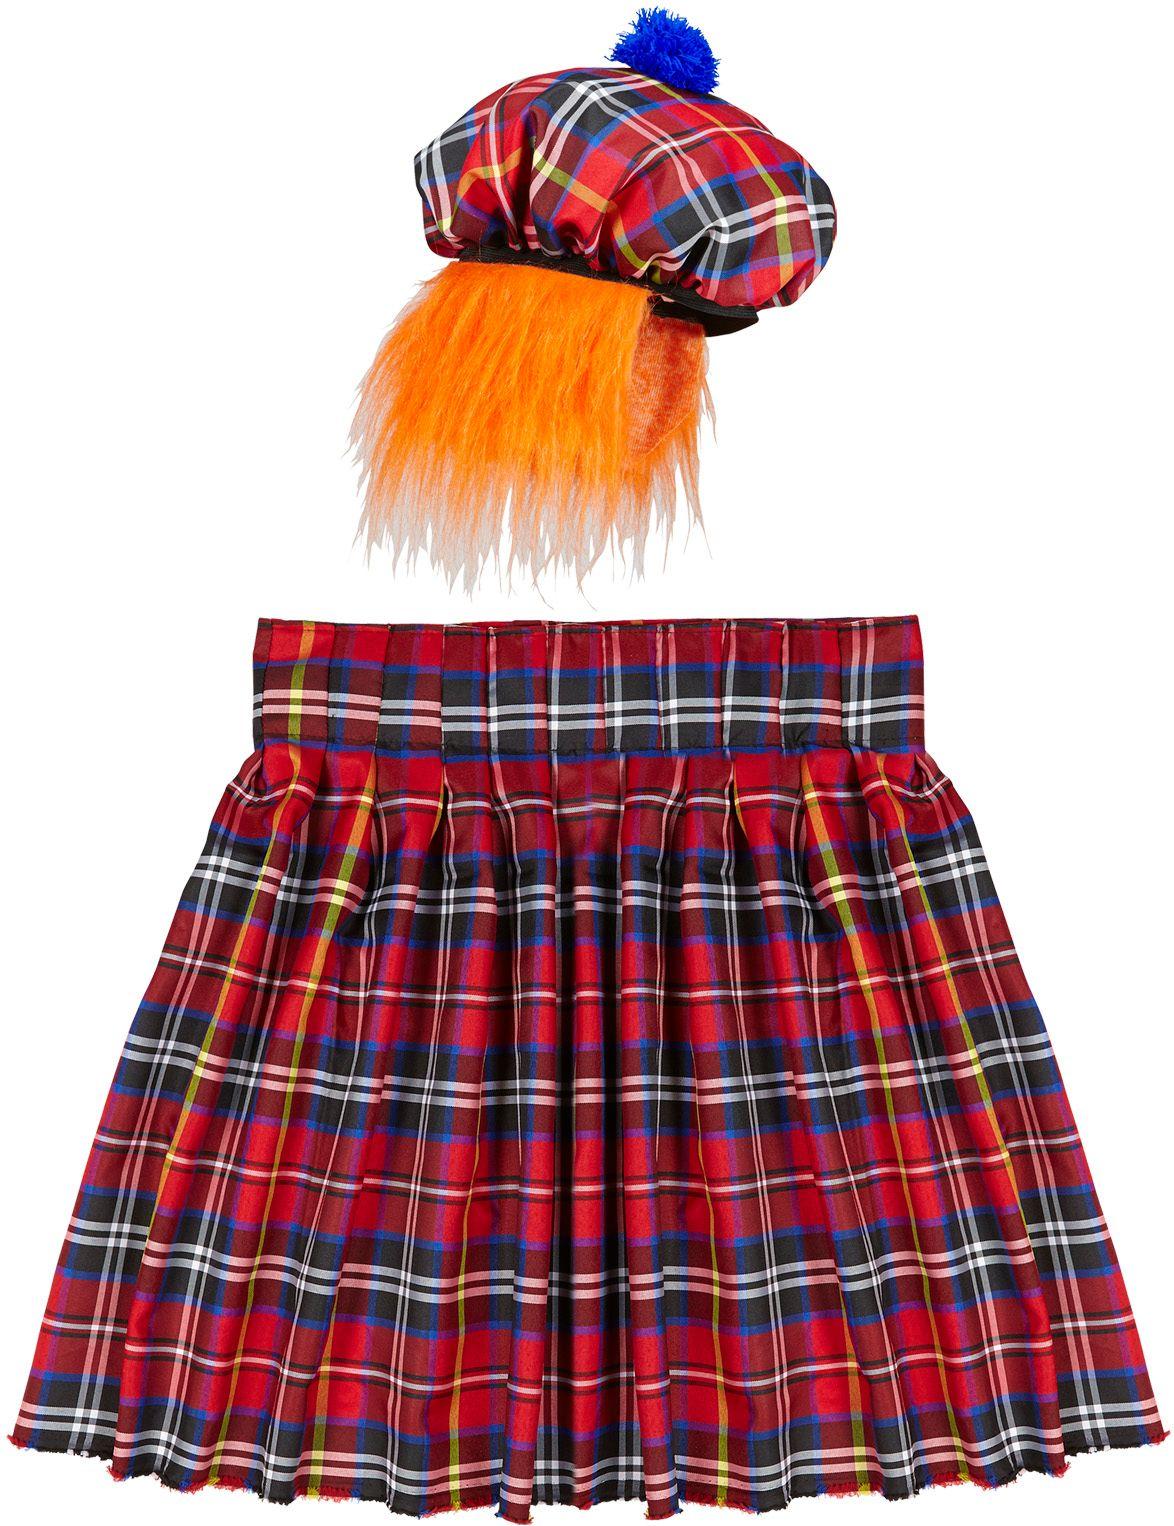 Schotse rok en muts met pruik